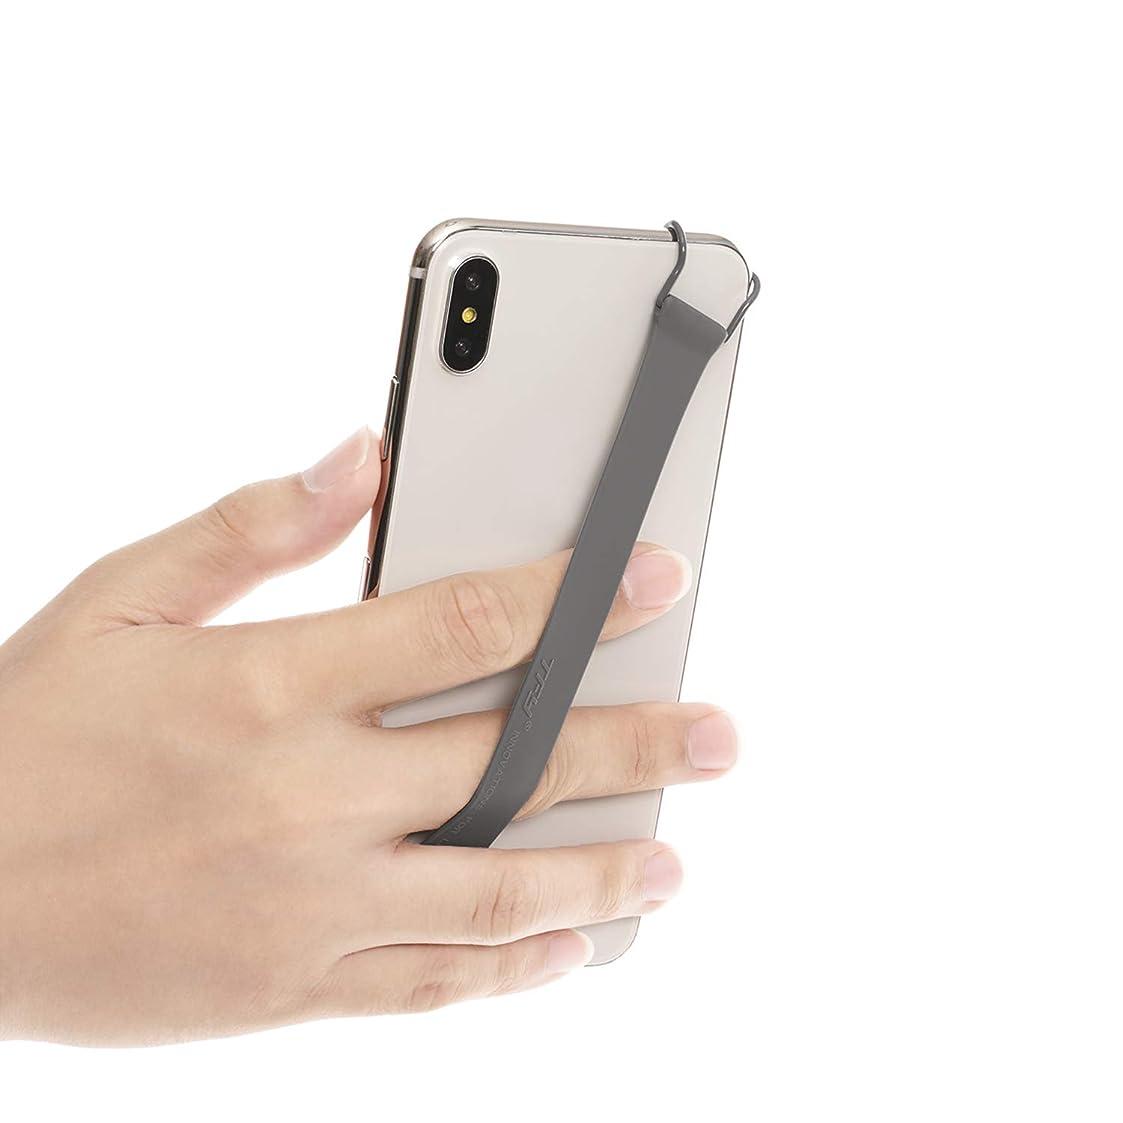 手数料勉強するところでハンドストラップ TFY スマートフォン用安全ハンドストラップ - iPhone Xs Max/Xs/XR/X / 8 Plus / 8/7 Plus / 7/6 Plus / 6 Samsung Galaxy Note 9/8 / Galaxy S9 + / S9 / S8 + / S8 (グレー)